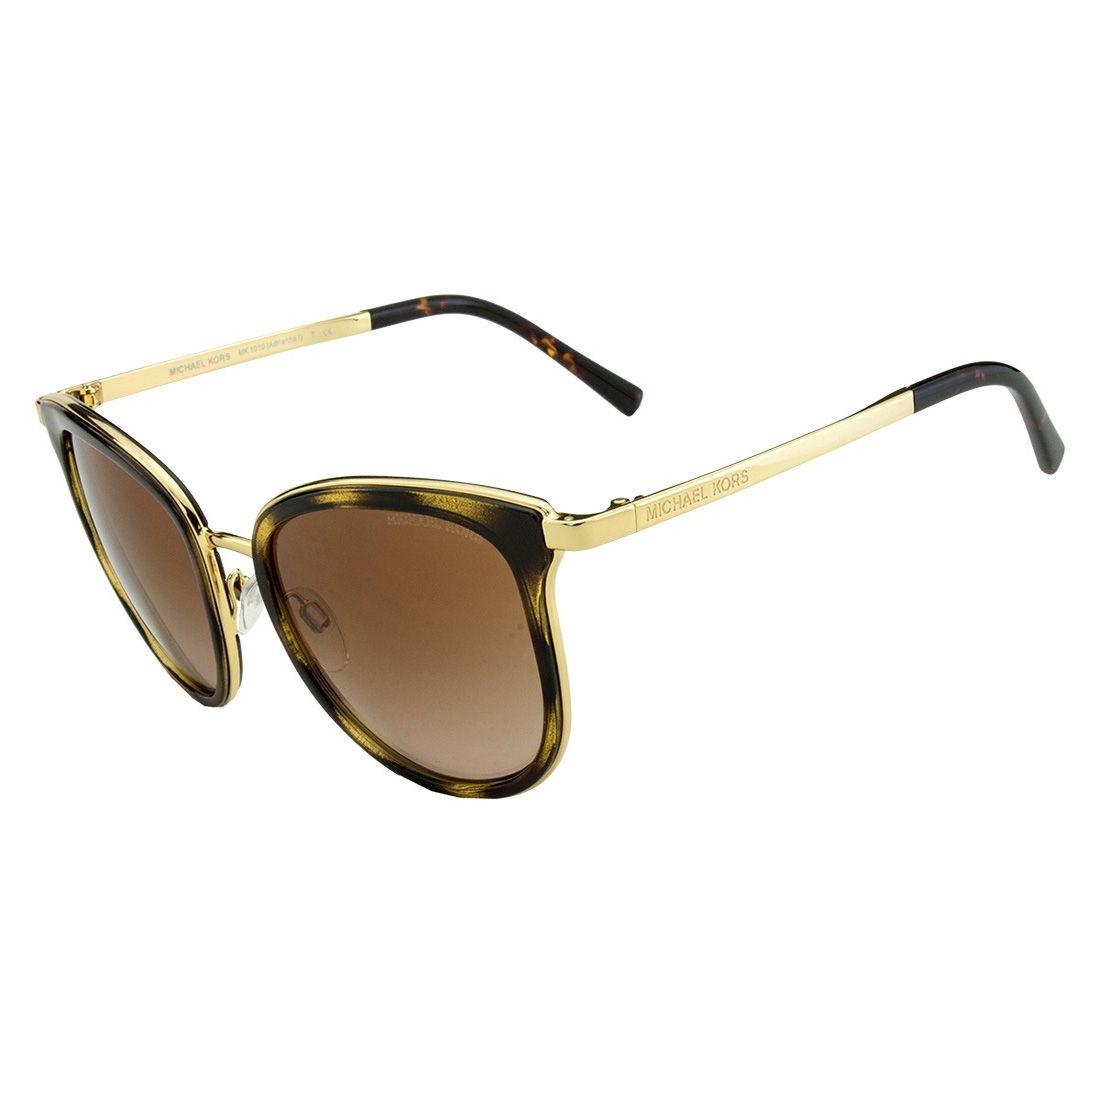 272aa23b7081e Óculos de Sol Michael Kors Coleção MK Adrianna I